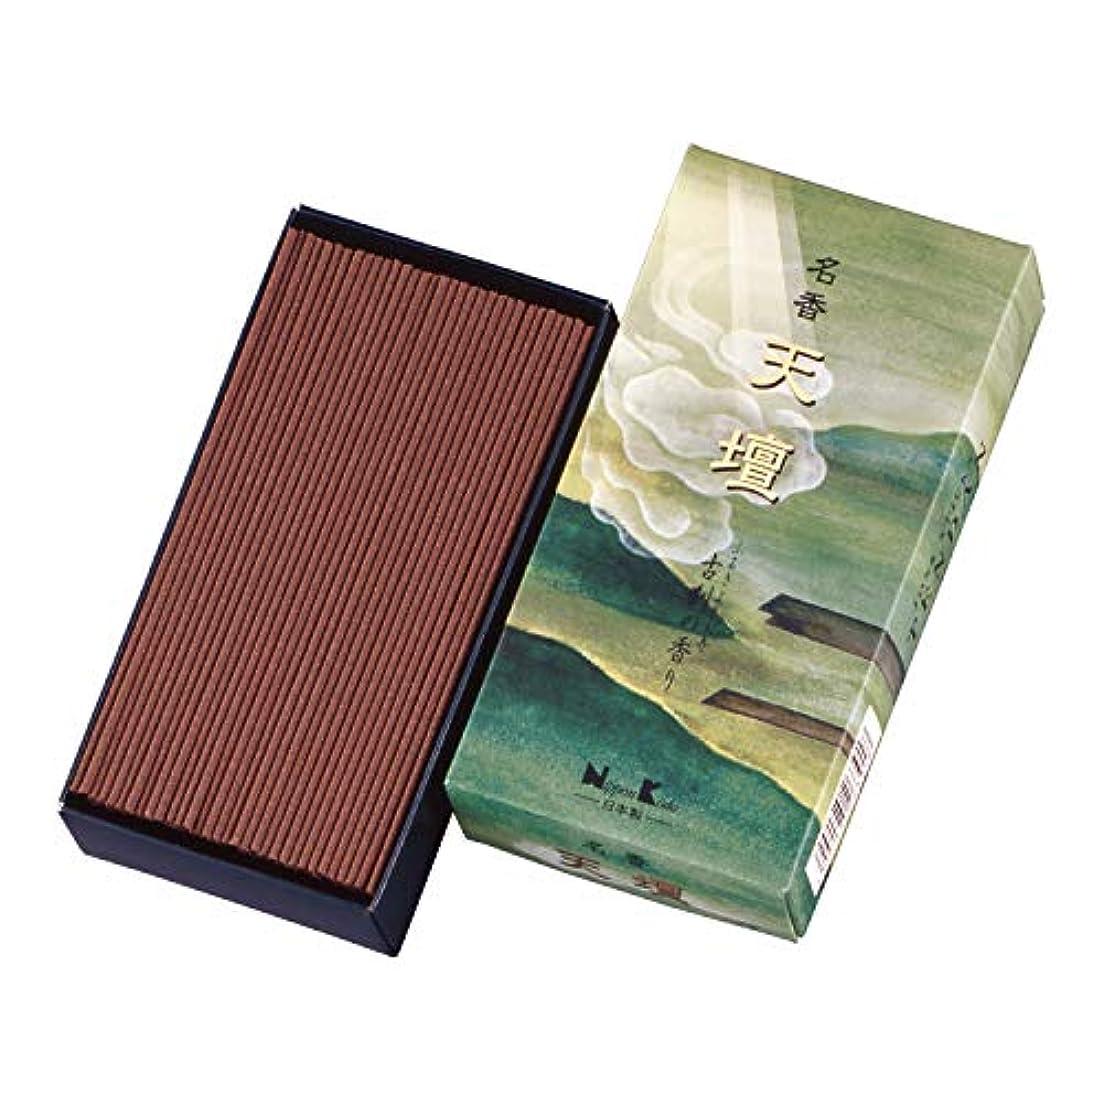 シネマ製作生き残ります名香天壇 古刹の香り バラ詰